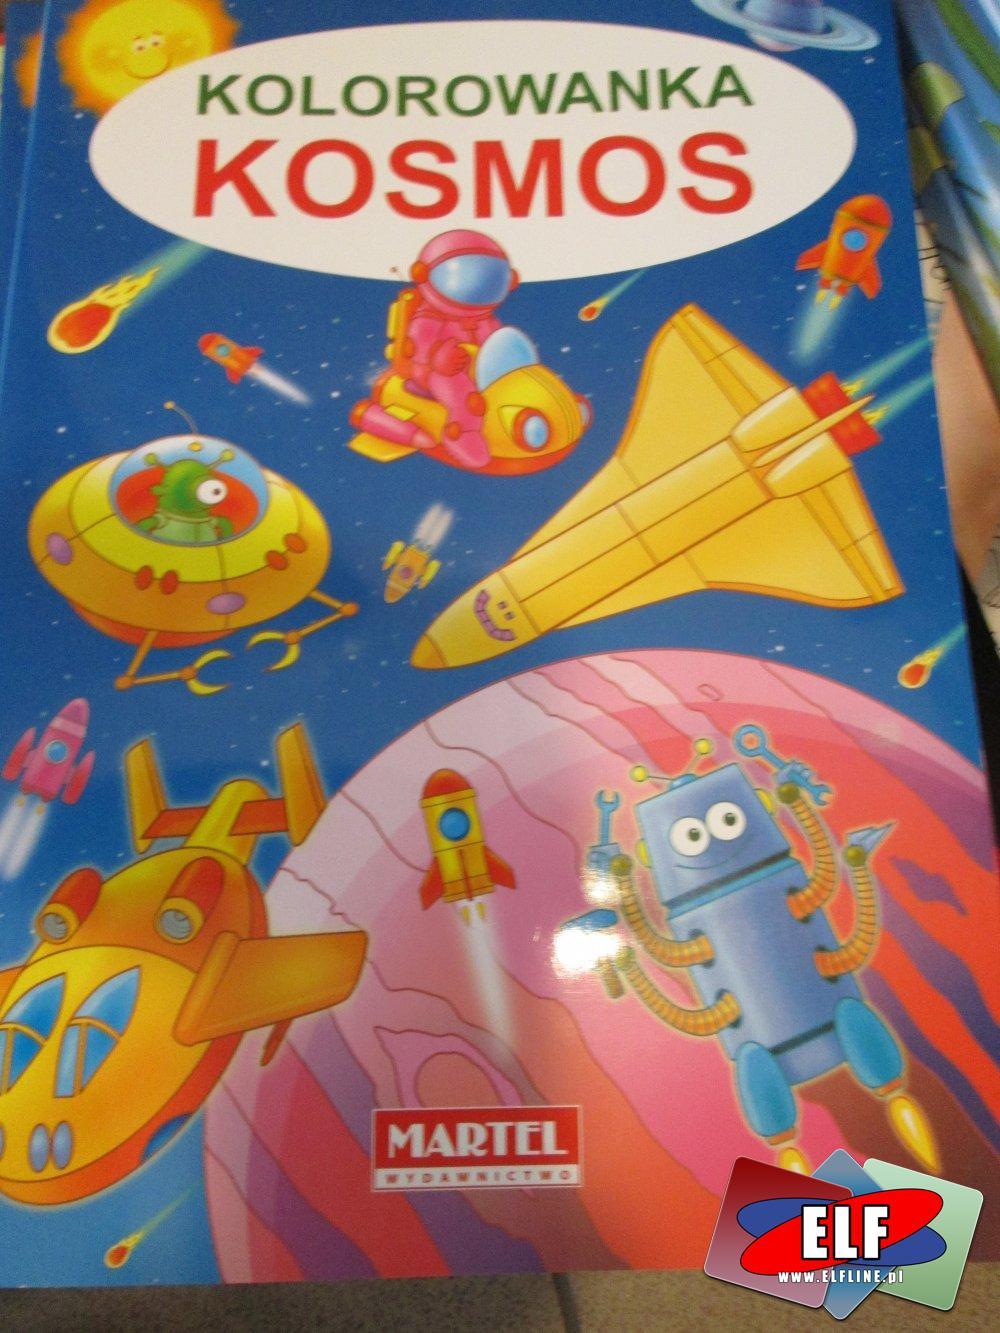 Kolorowanka, Moje pierwsze cyferki, Kosmos, Kolorowanki